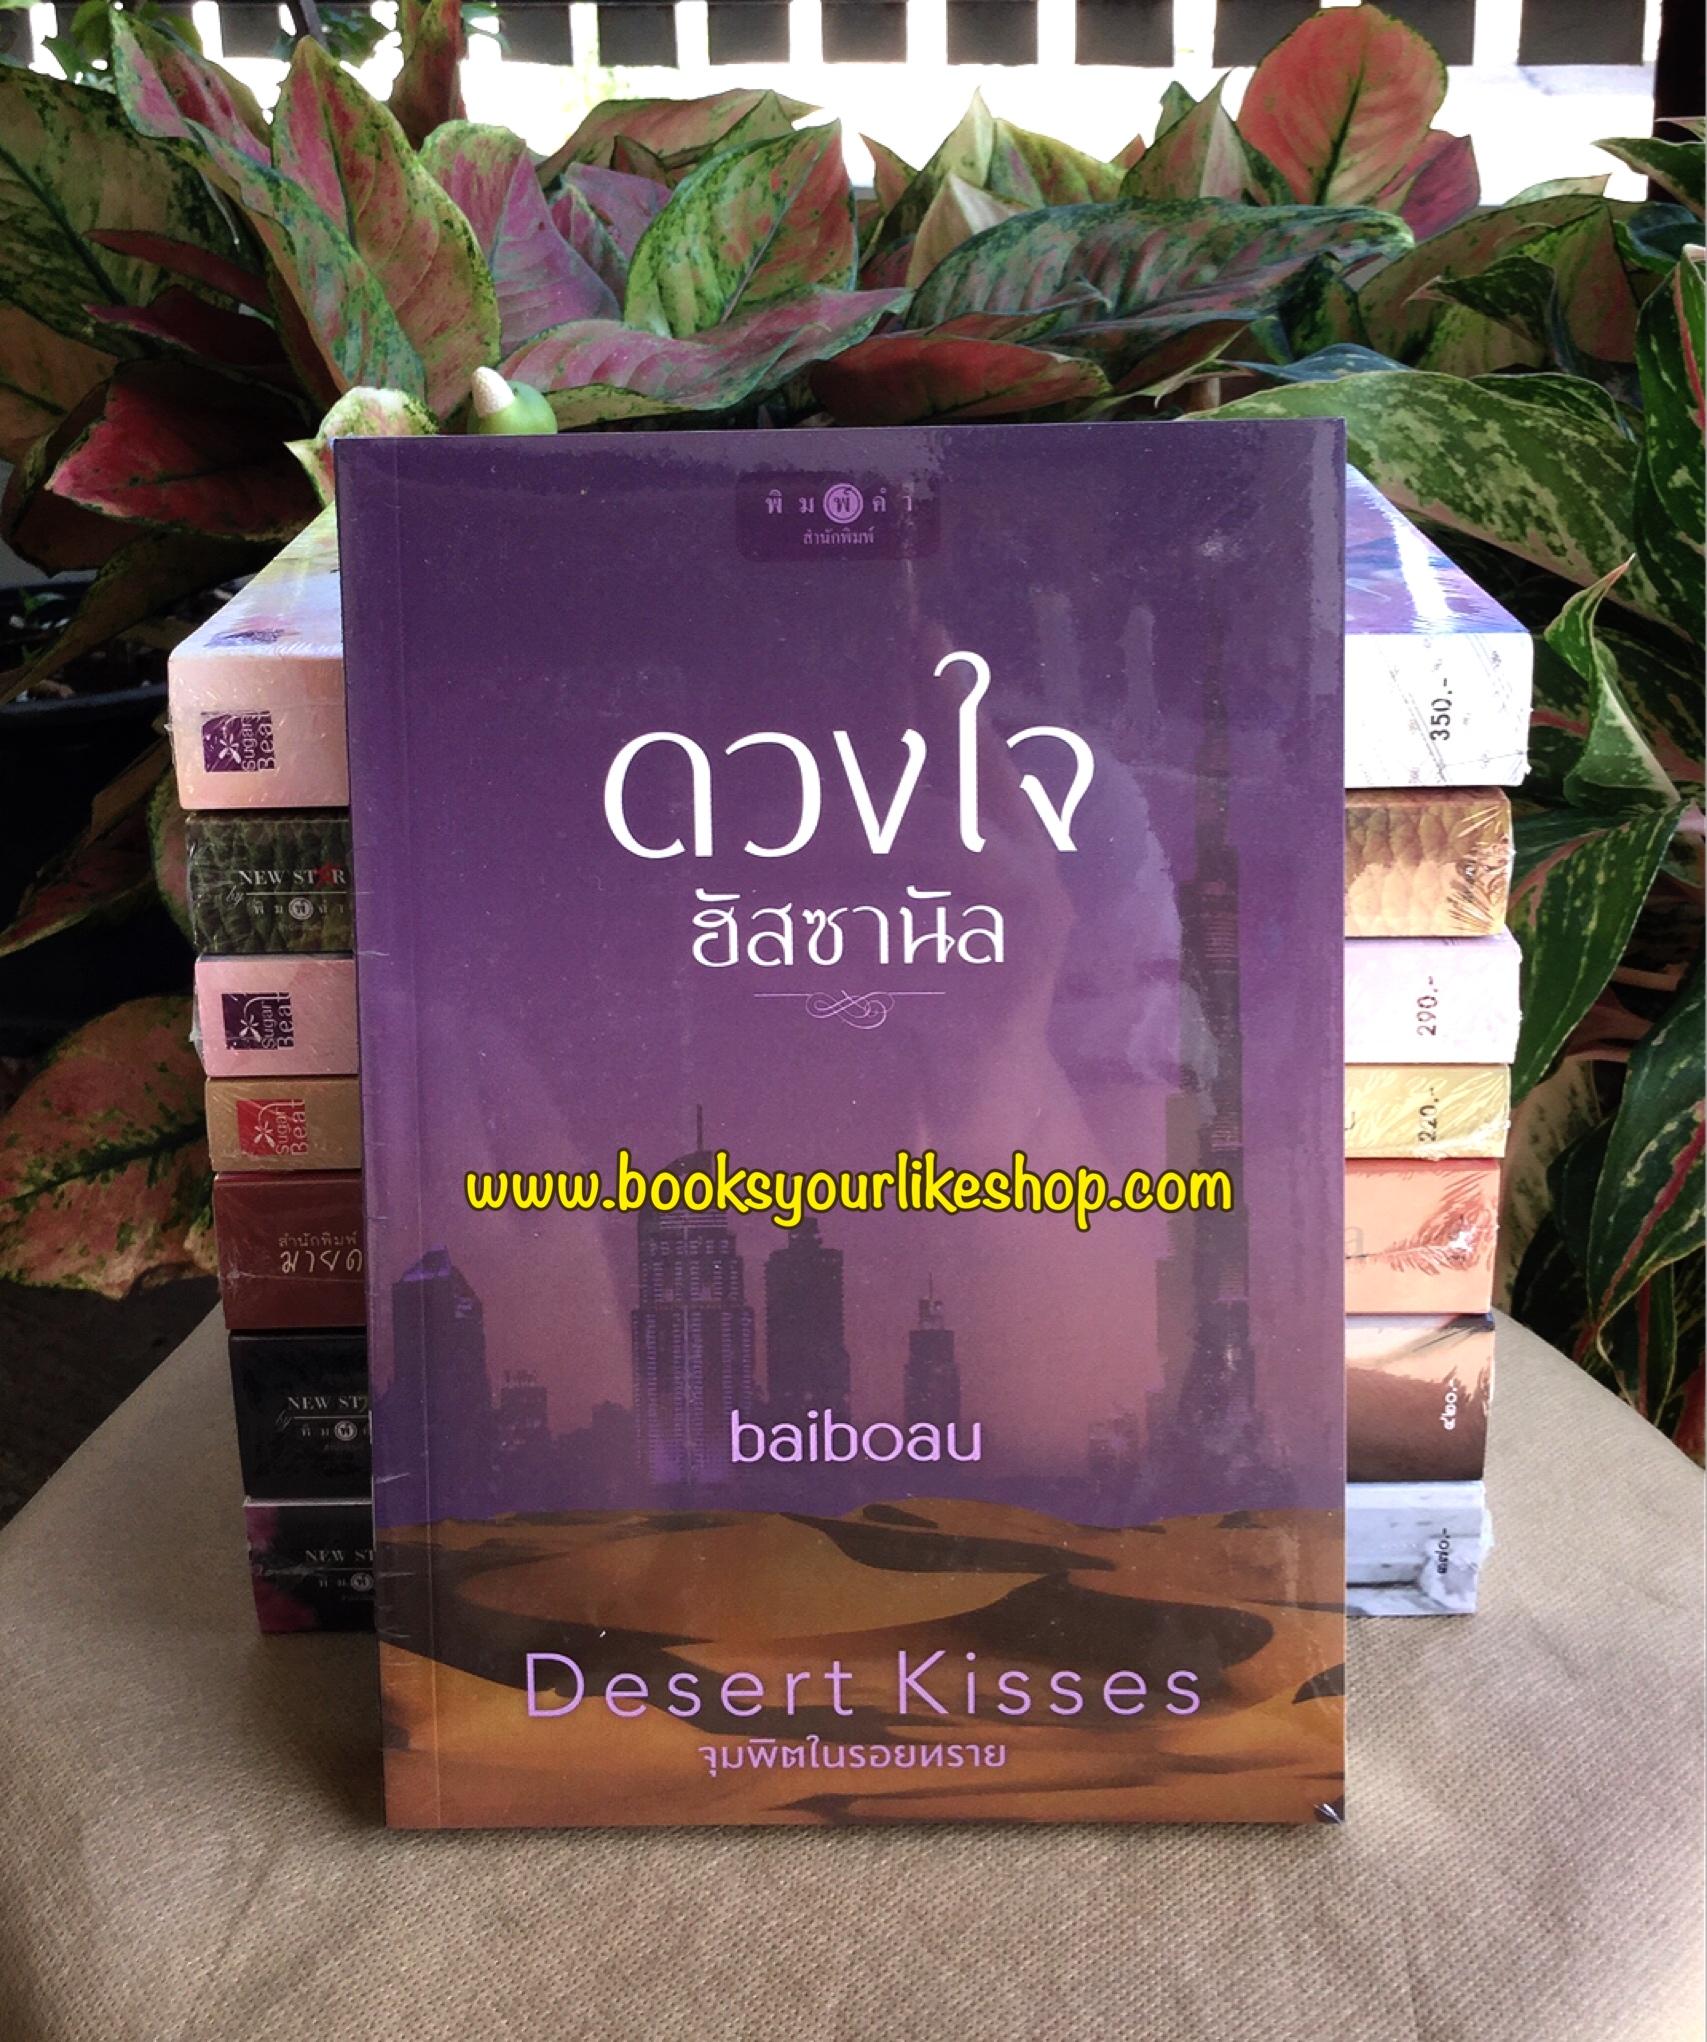 ซีรีส์ Desert Kisses...จุมพิตในรอยทราย : ดวงใจอัสซานัล/ baiboau ใบบัว สนพ สถาพร ชูก้าบีท หนังสือใหม่